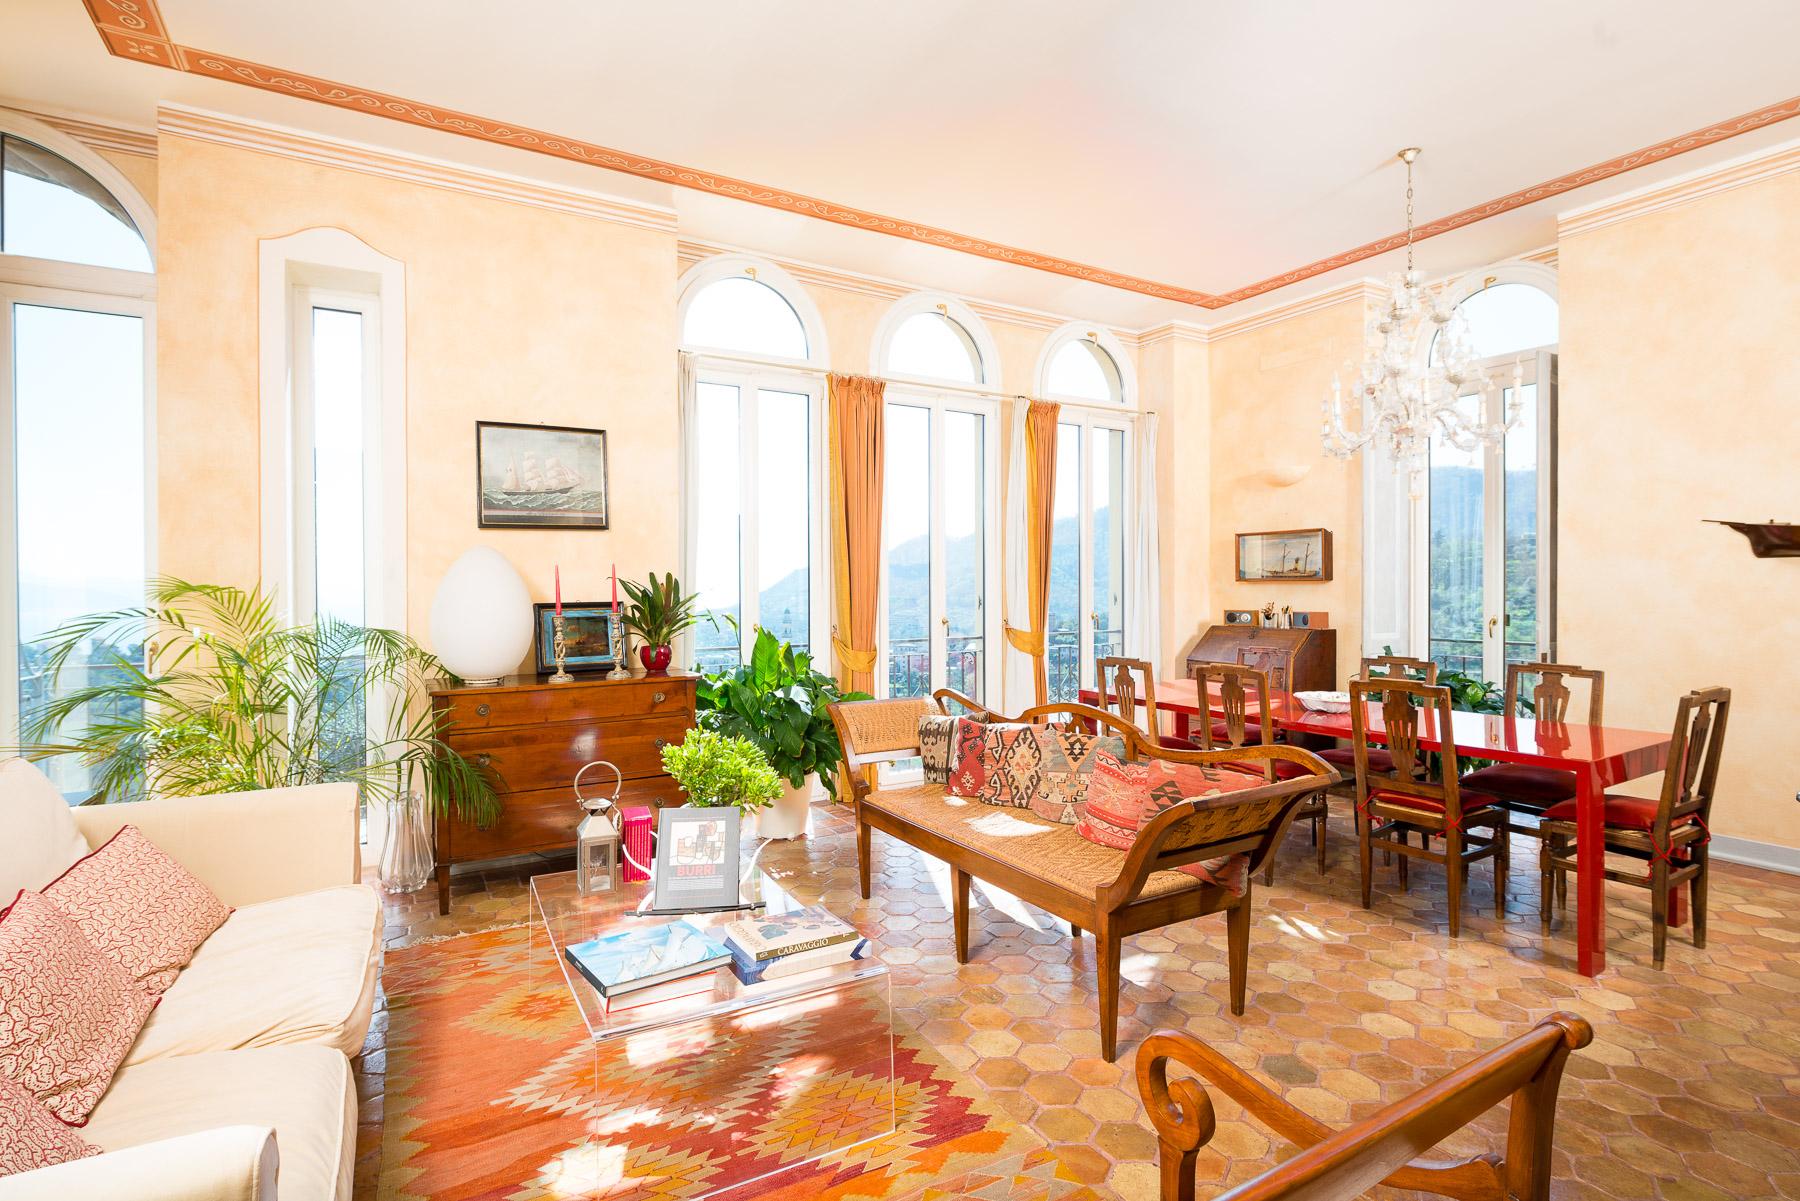 Casa indipendente di lusso in vendita a santa margherita for Vendita case lusso